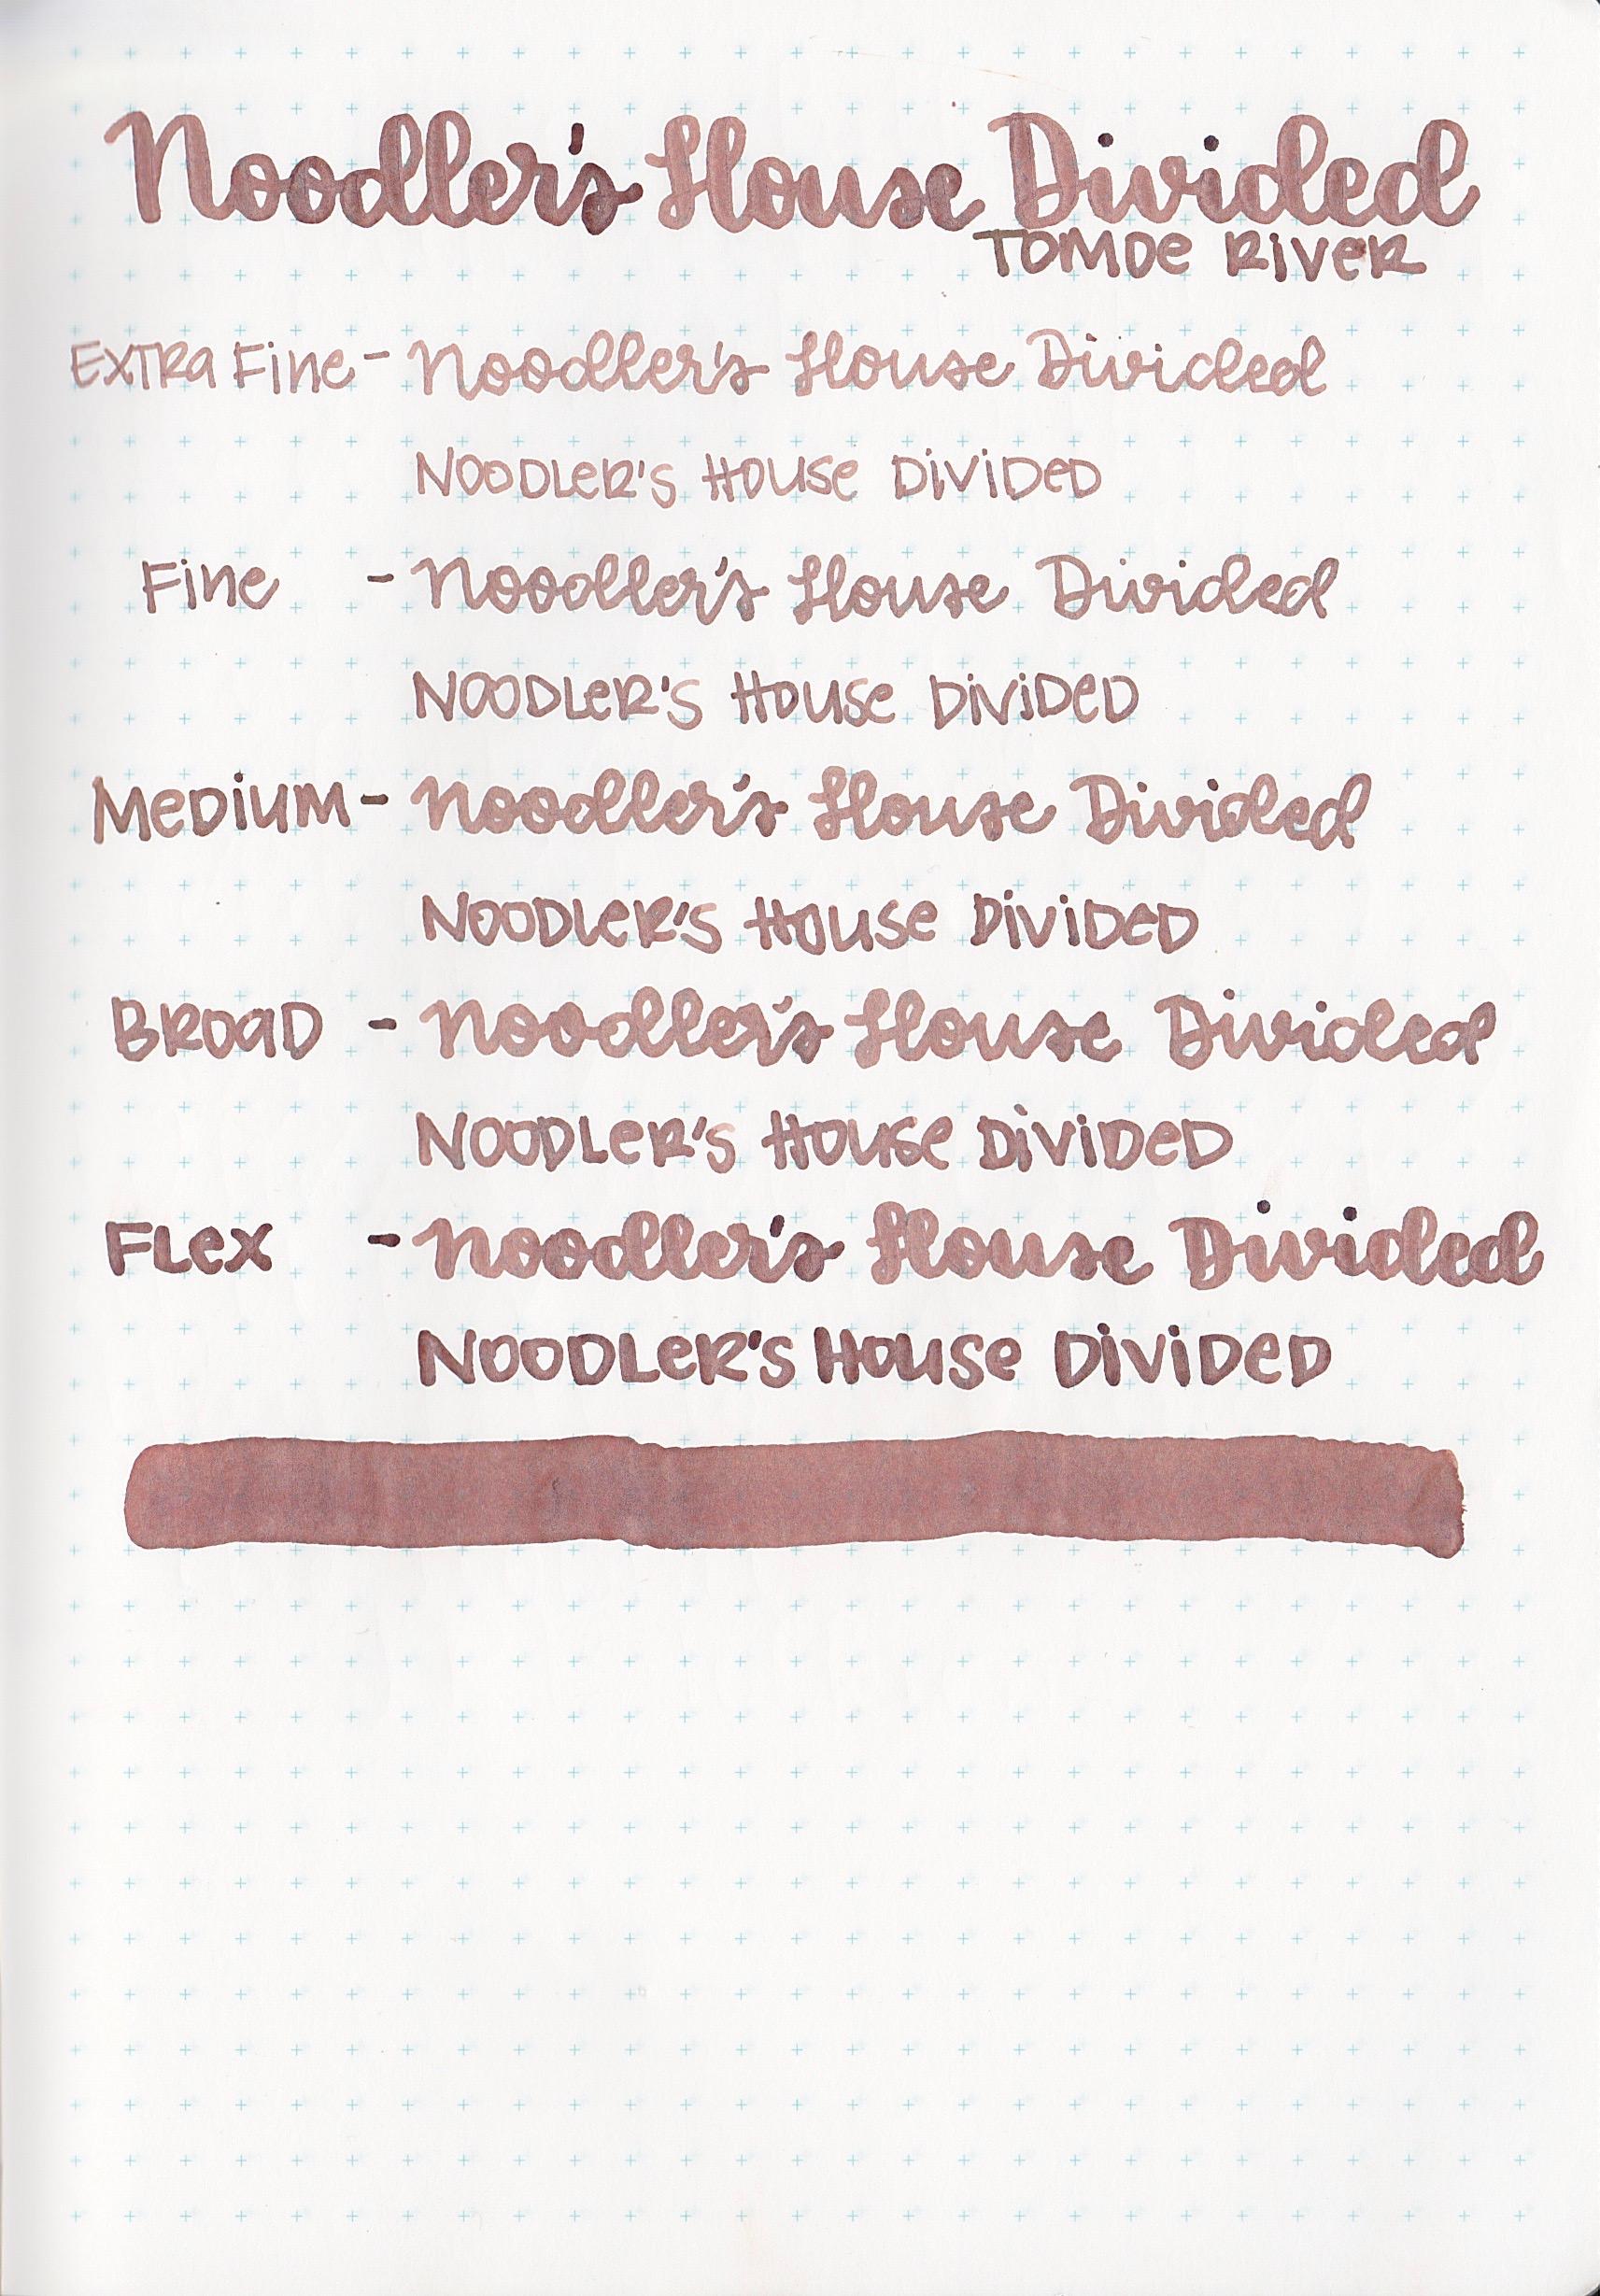 NoodlersHouseDivided - 8.jpg